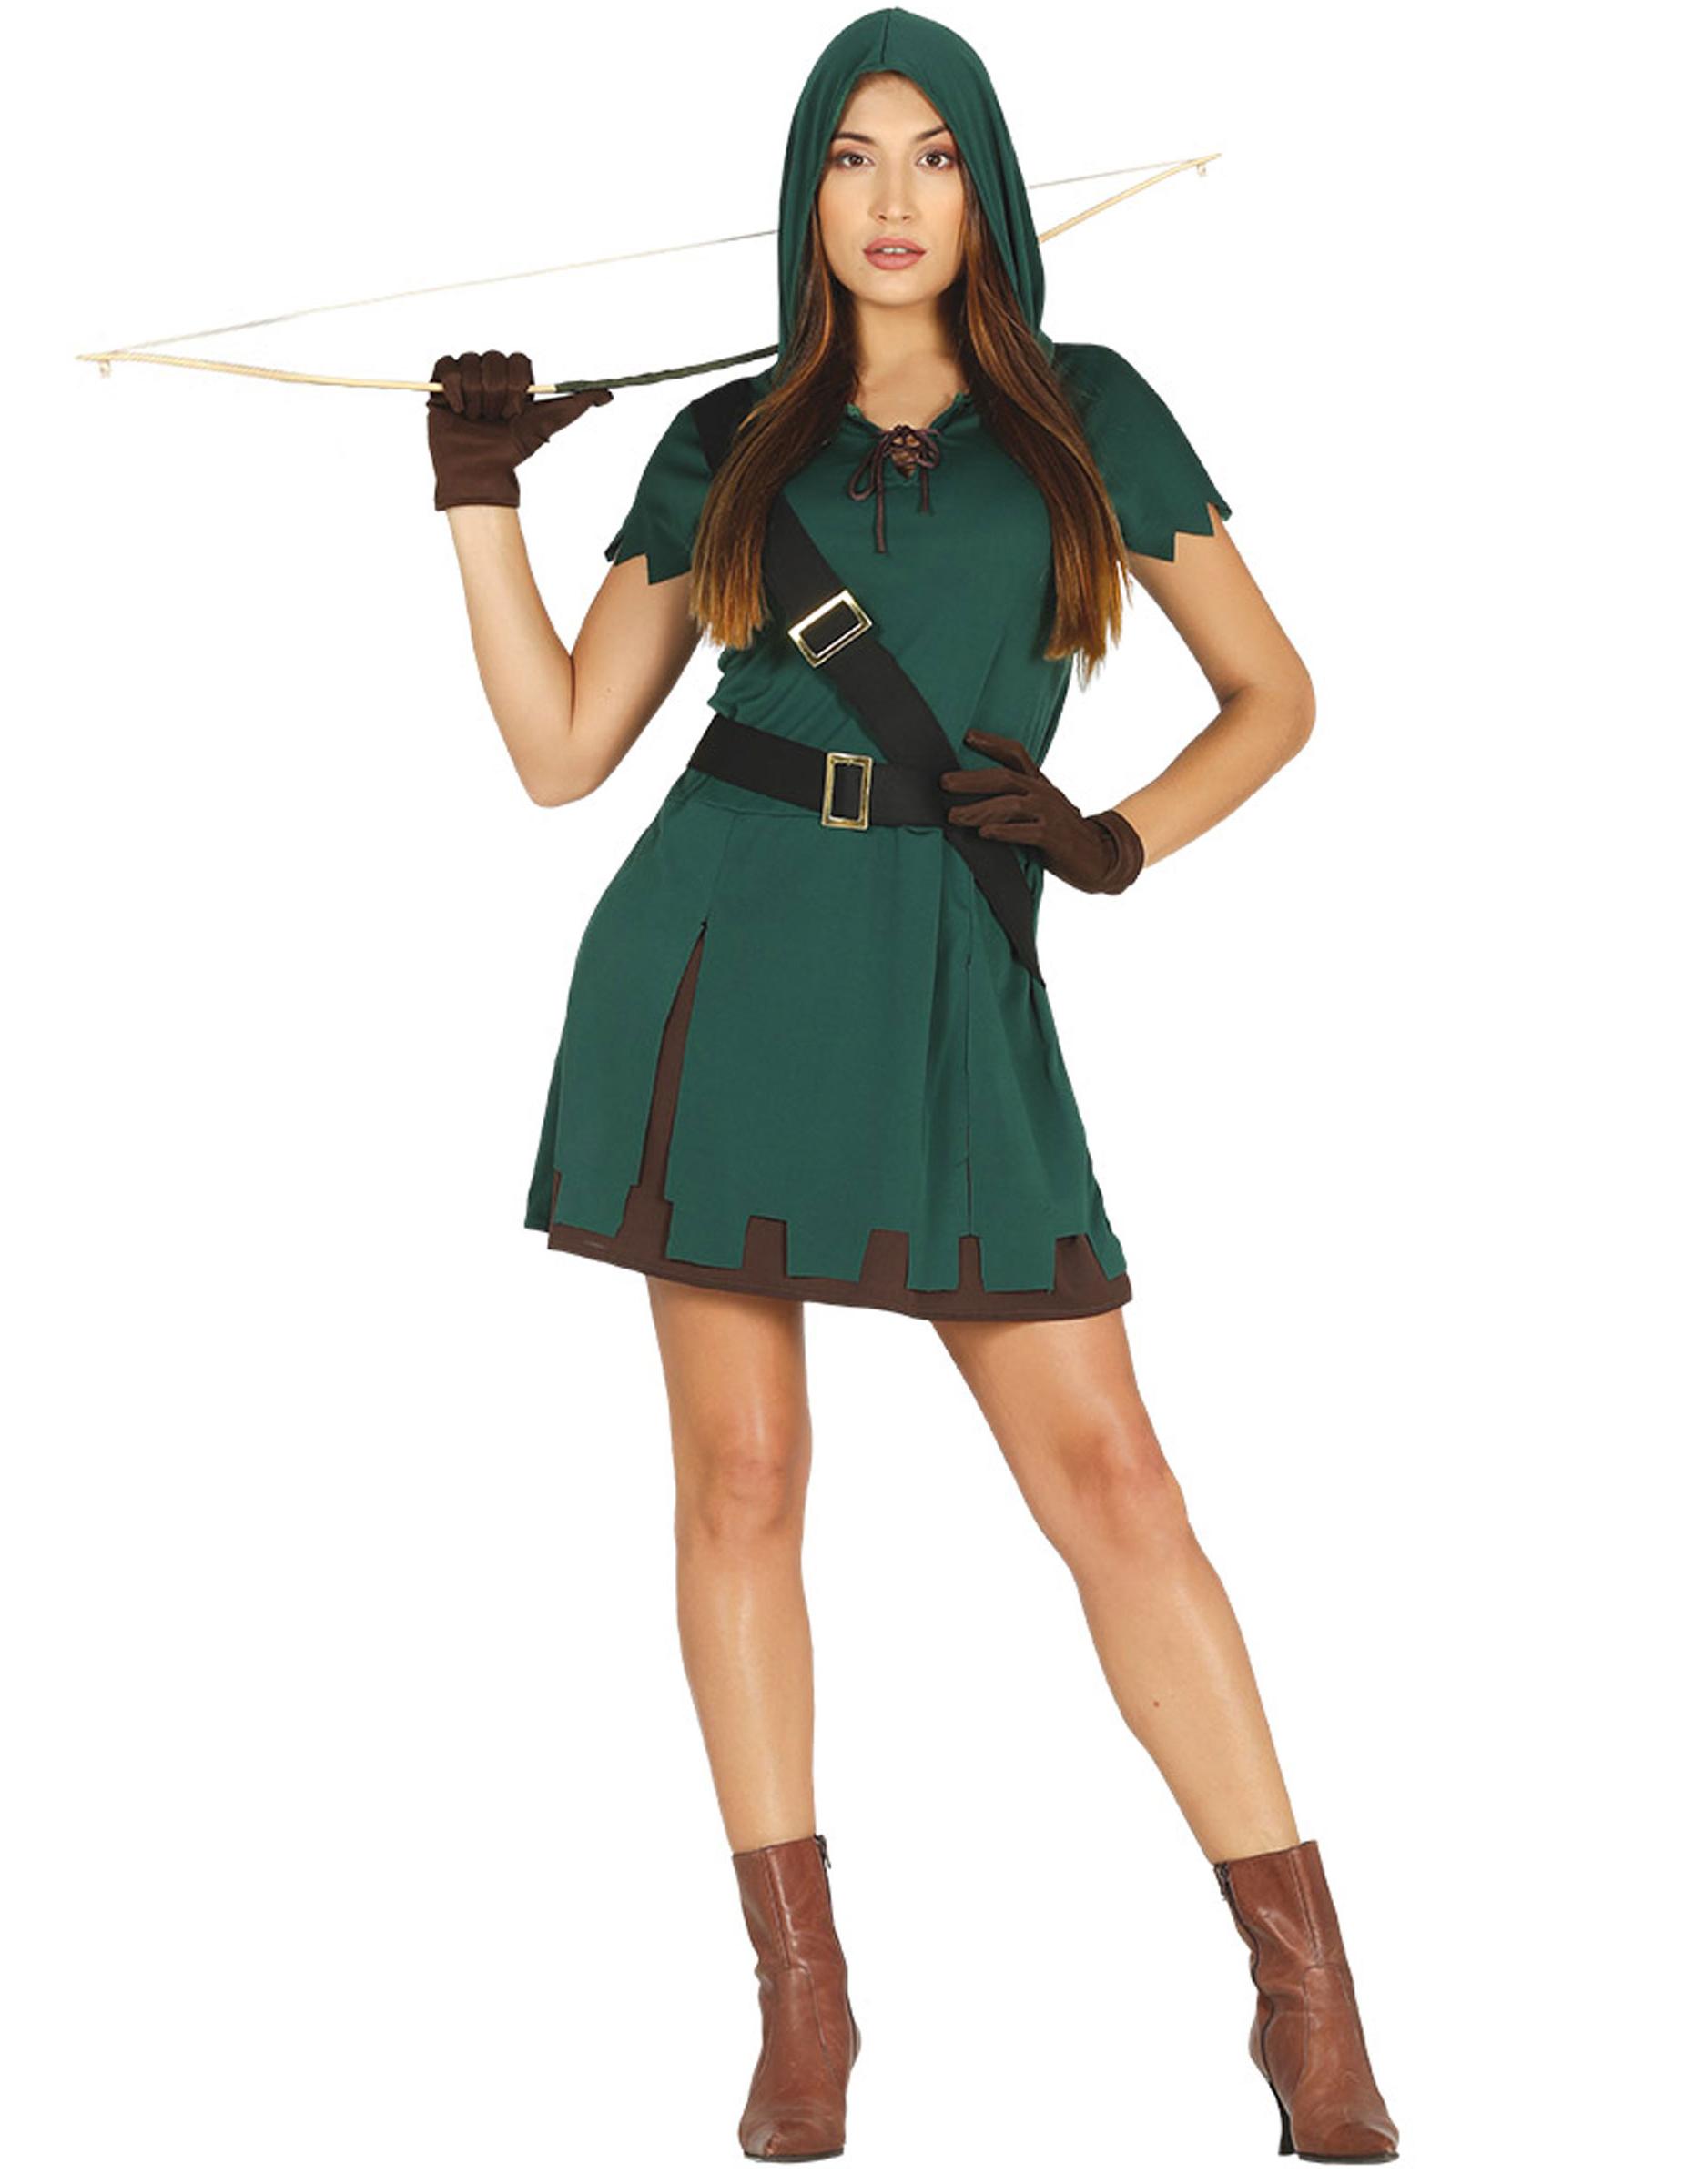 Verde Costume Di Donna Vestiti Costumi Per Da Arciere e Adulti rEzHqrP